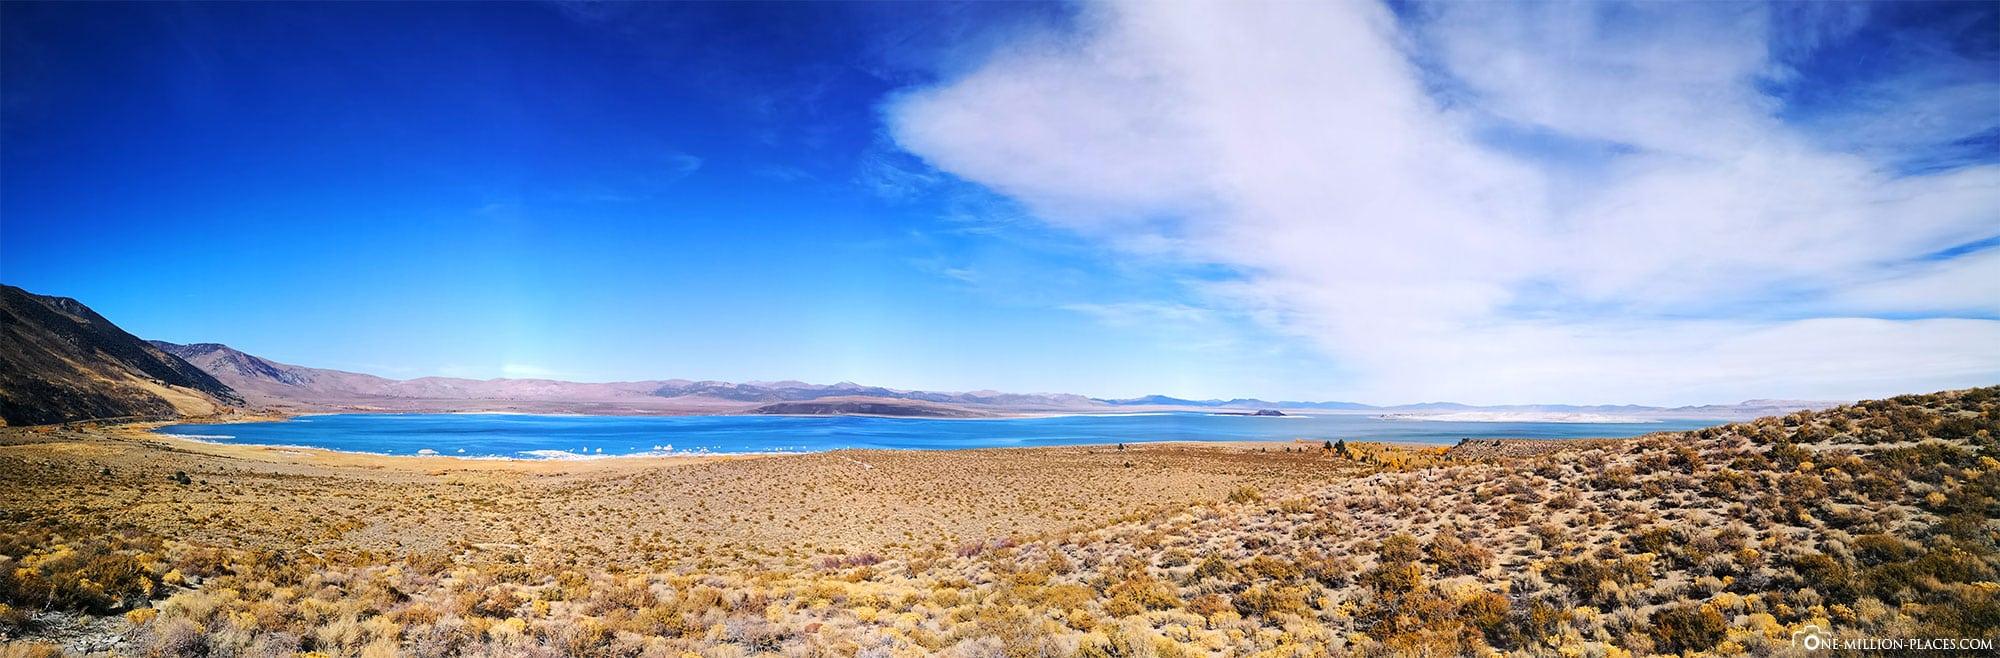 Mono Lake, Panoramabild, Kalifornien, USA